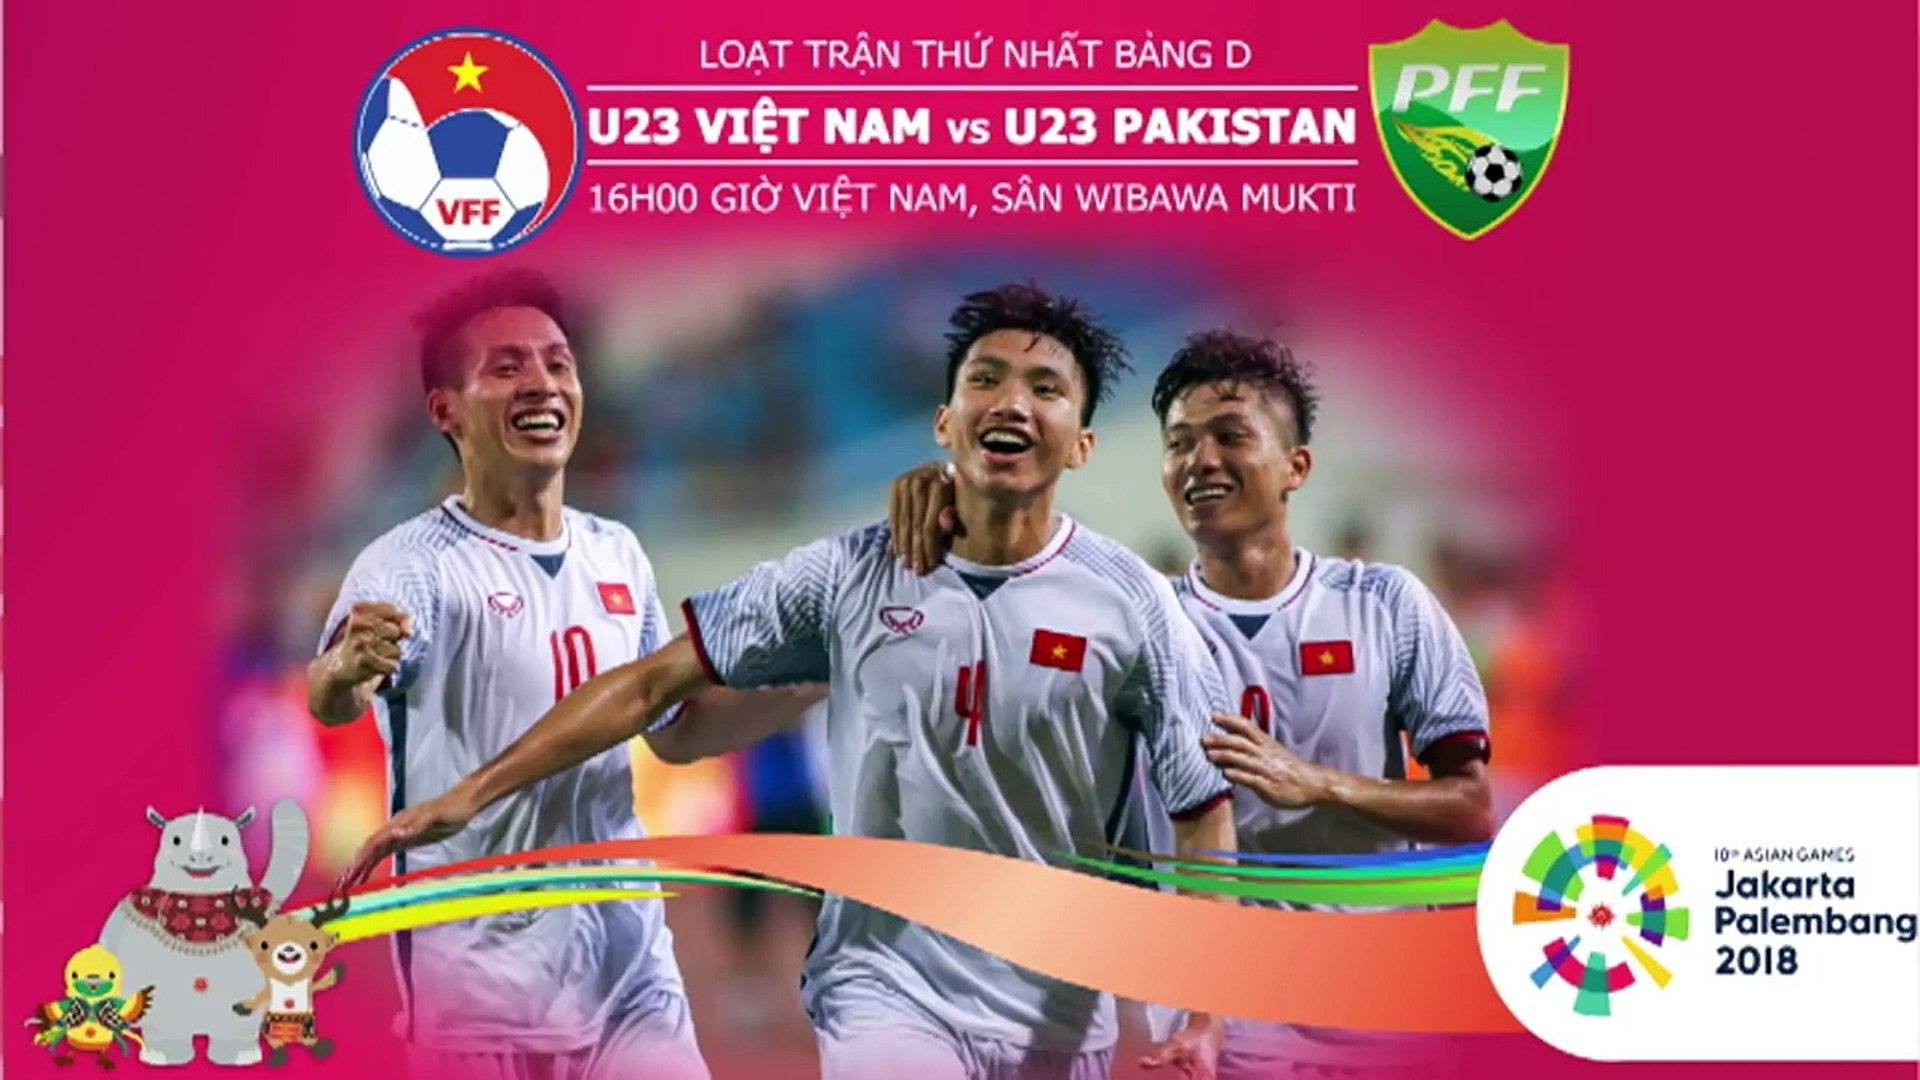 Dự đoán kết quả ASIAD 2018: U23 Việt Nam sẽ thắng đậm U23 Pakistan